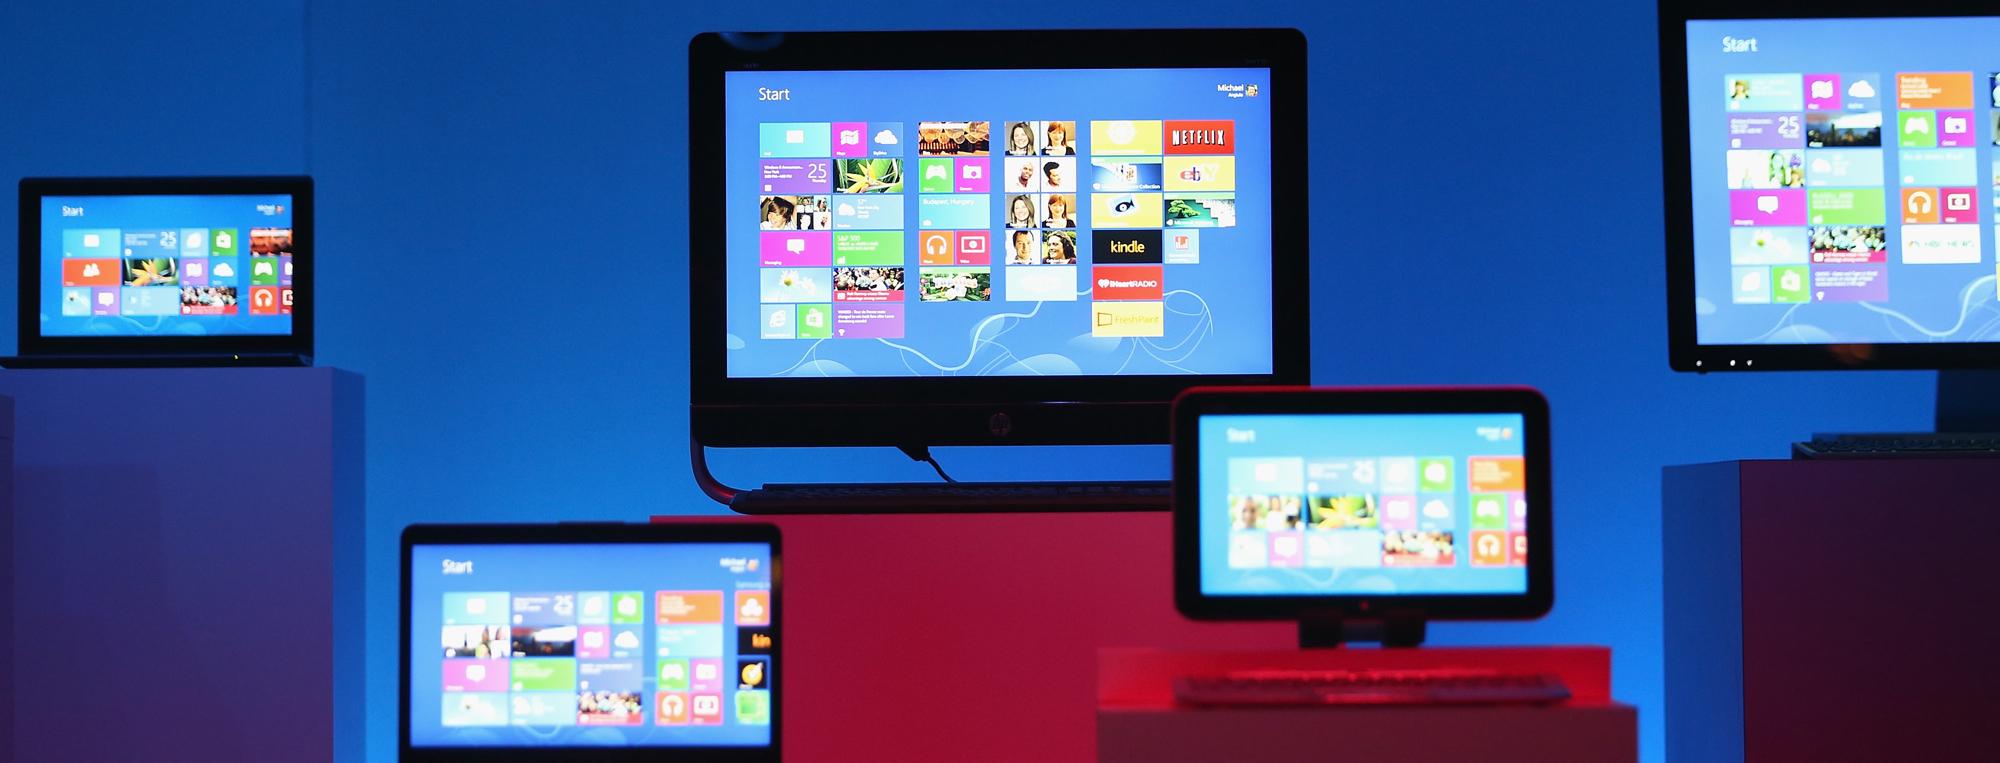 windows phone app for desktop xp